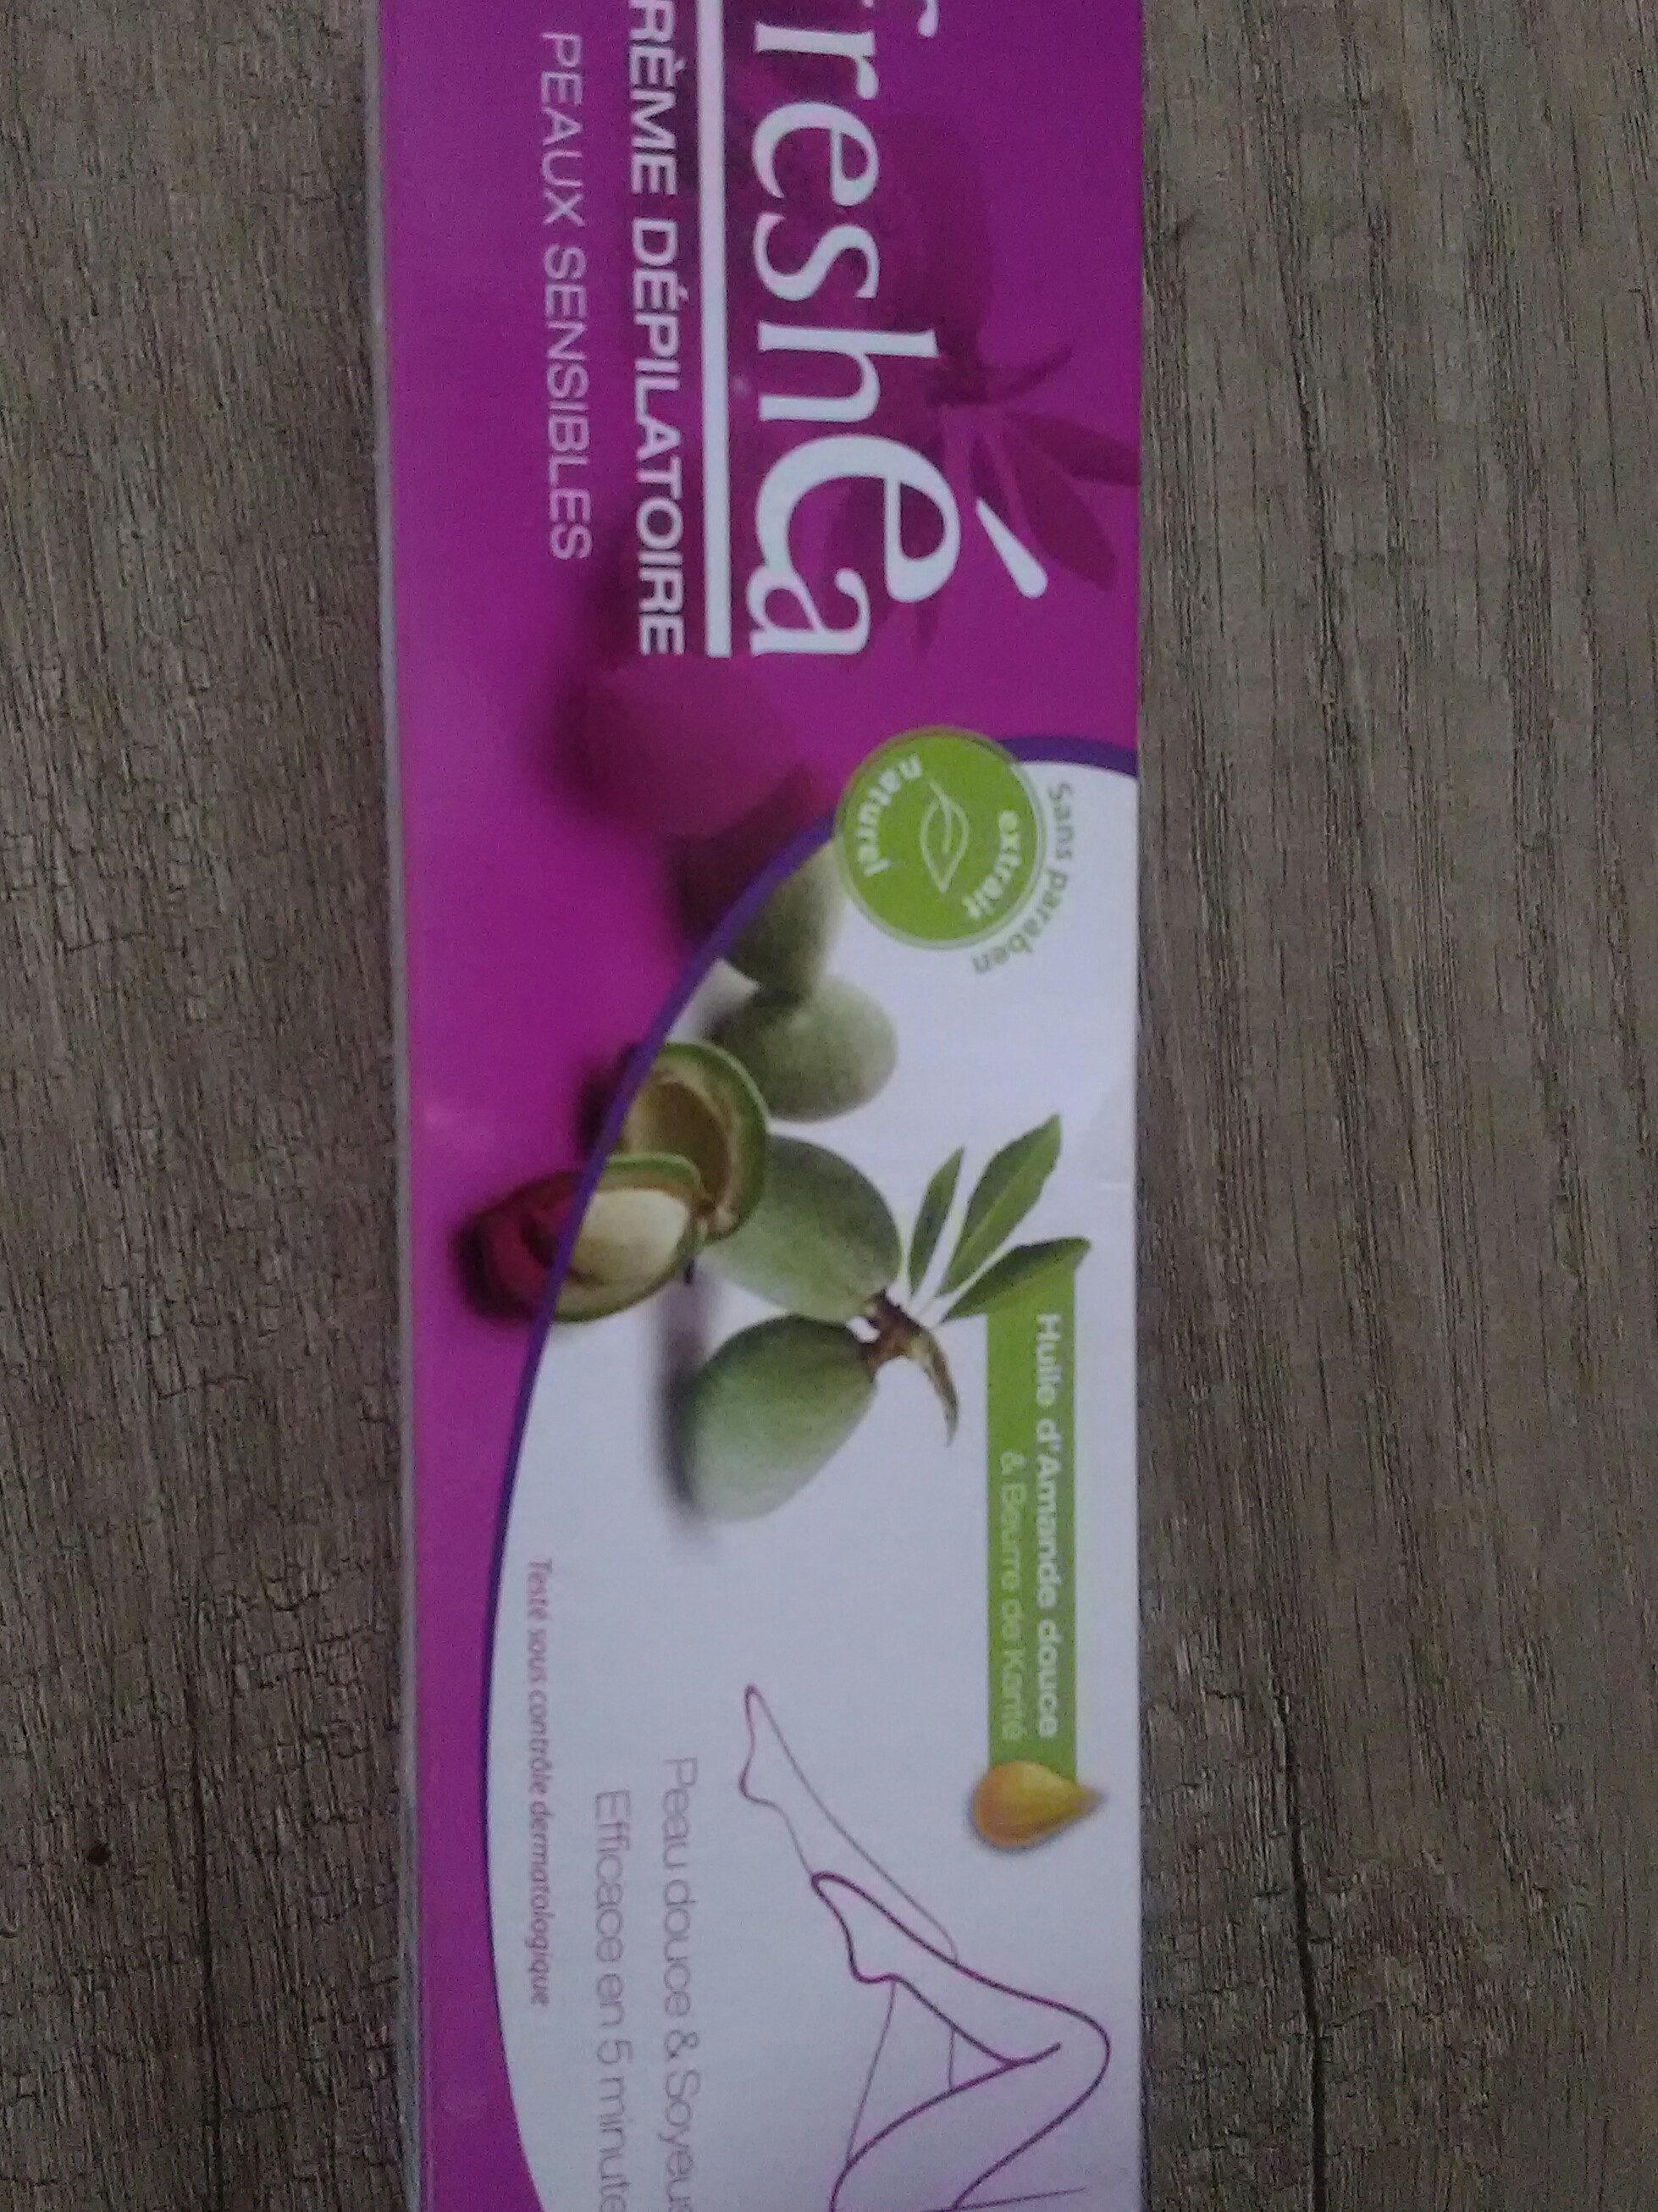 crème dépilatoire - Product - fr